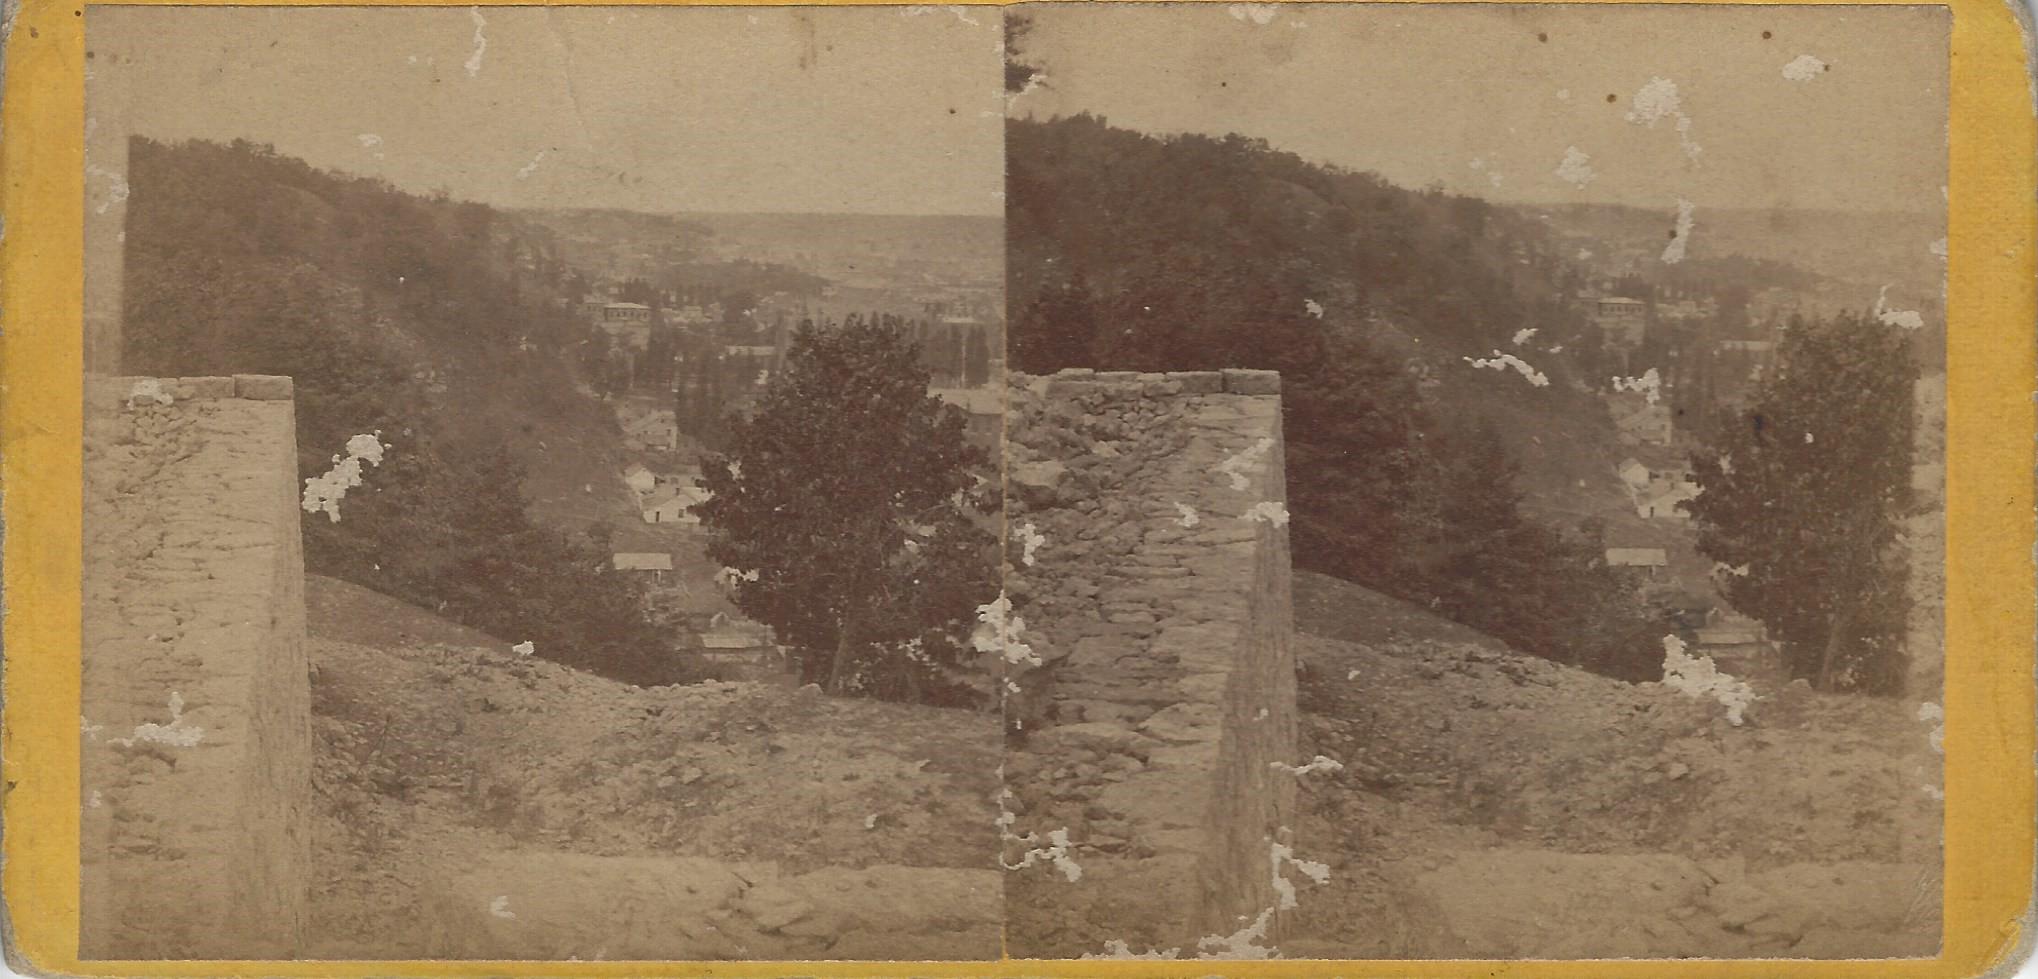 LJTP 100.254 - S. Root - Potter Hill looking North - c1870